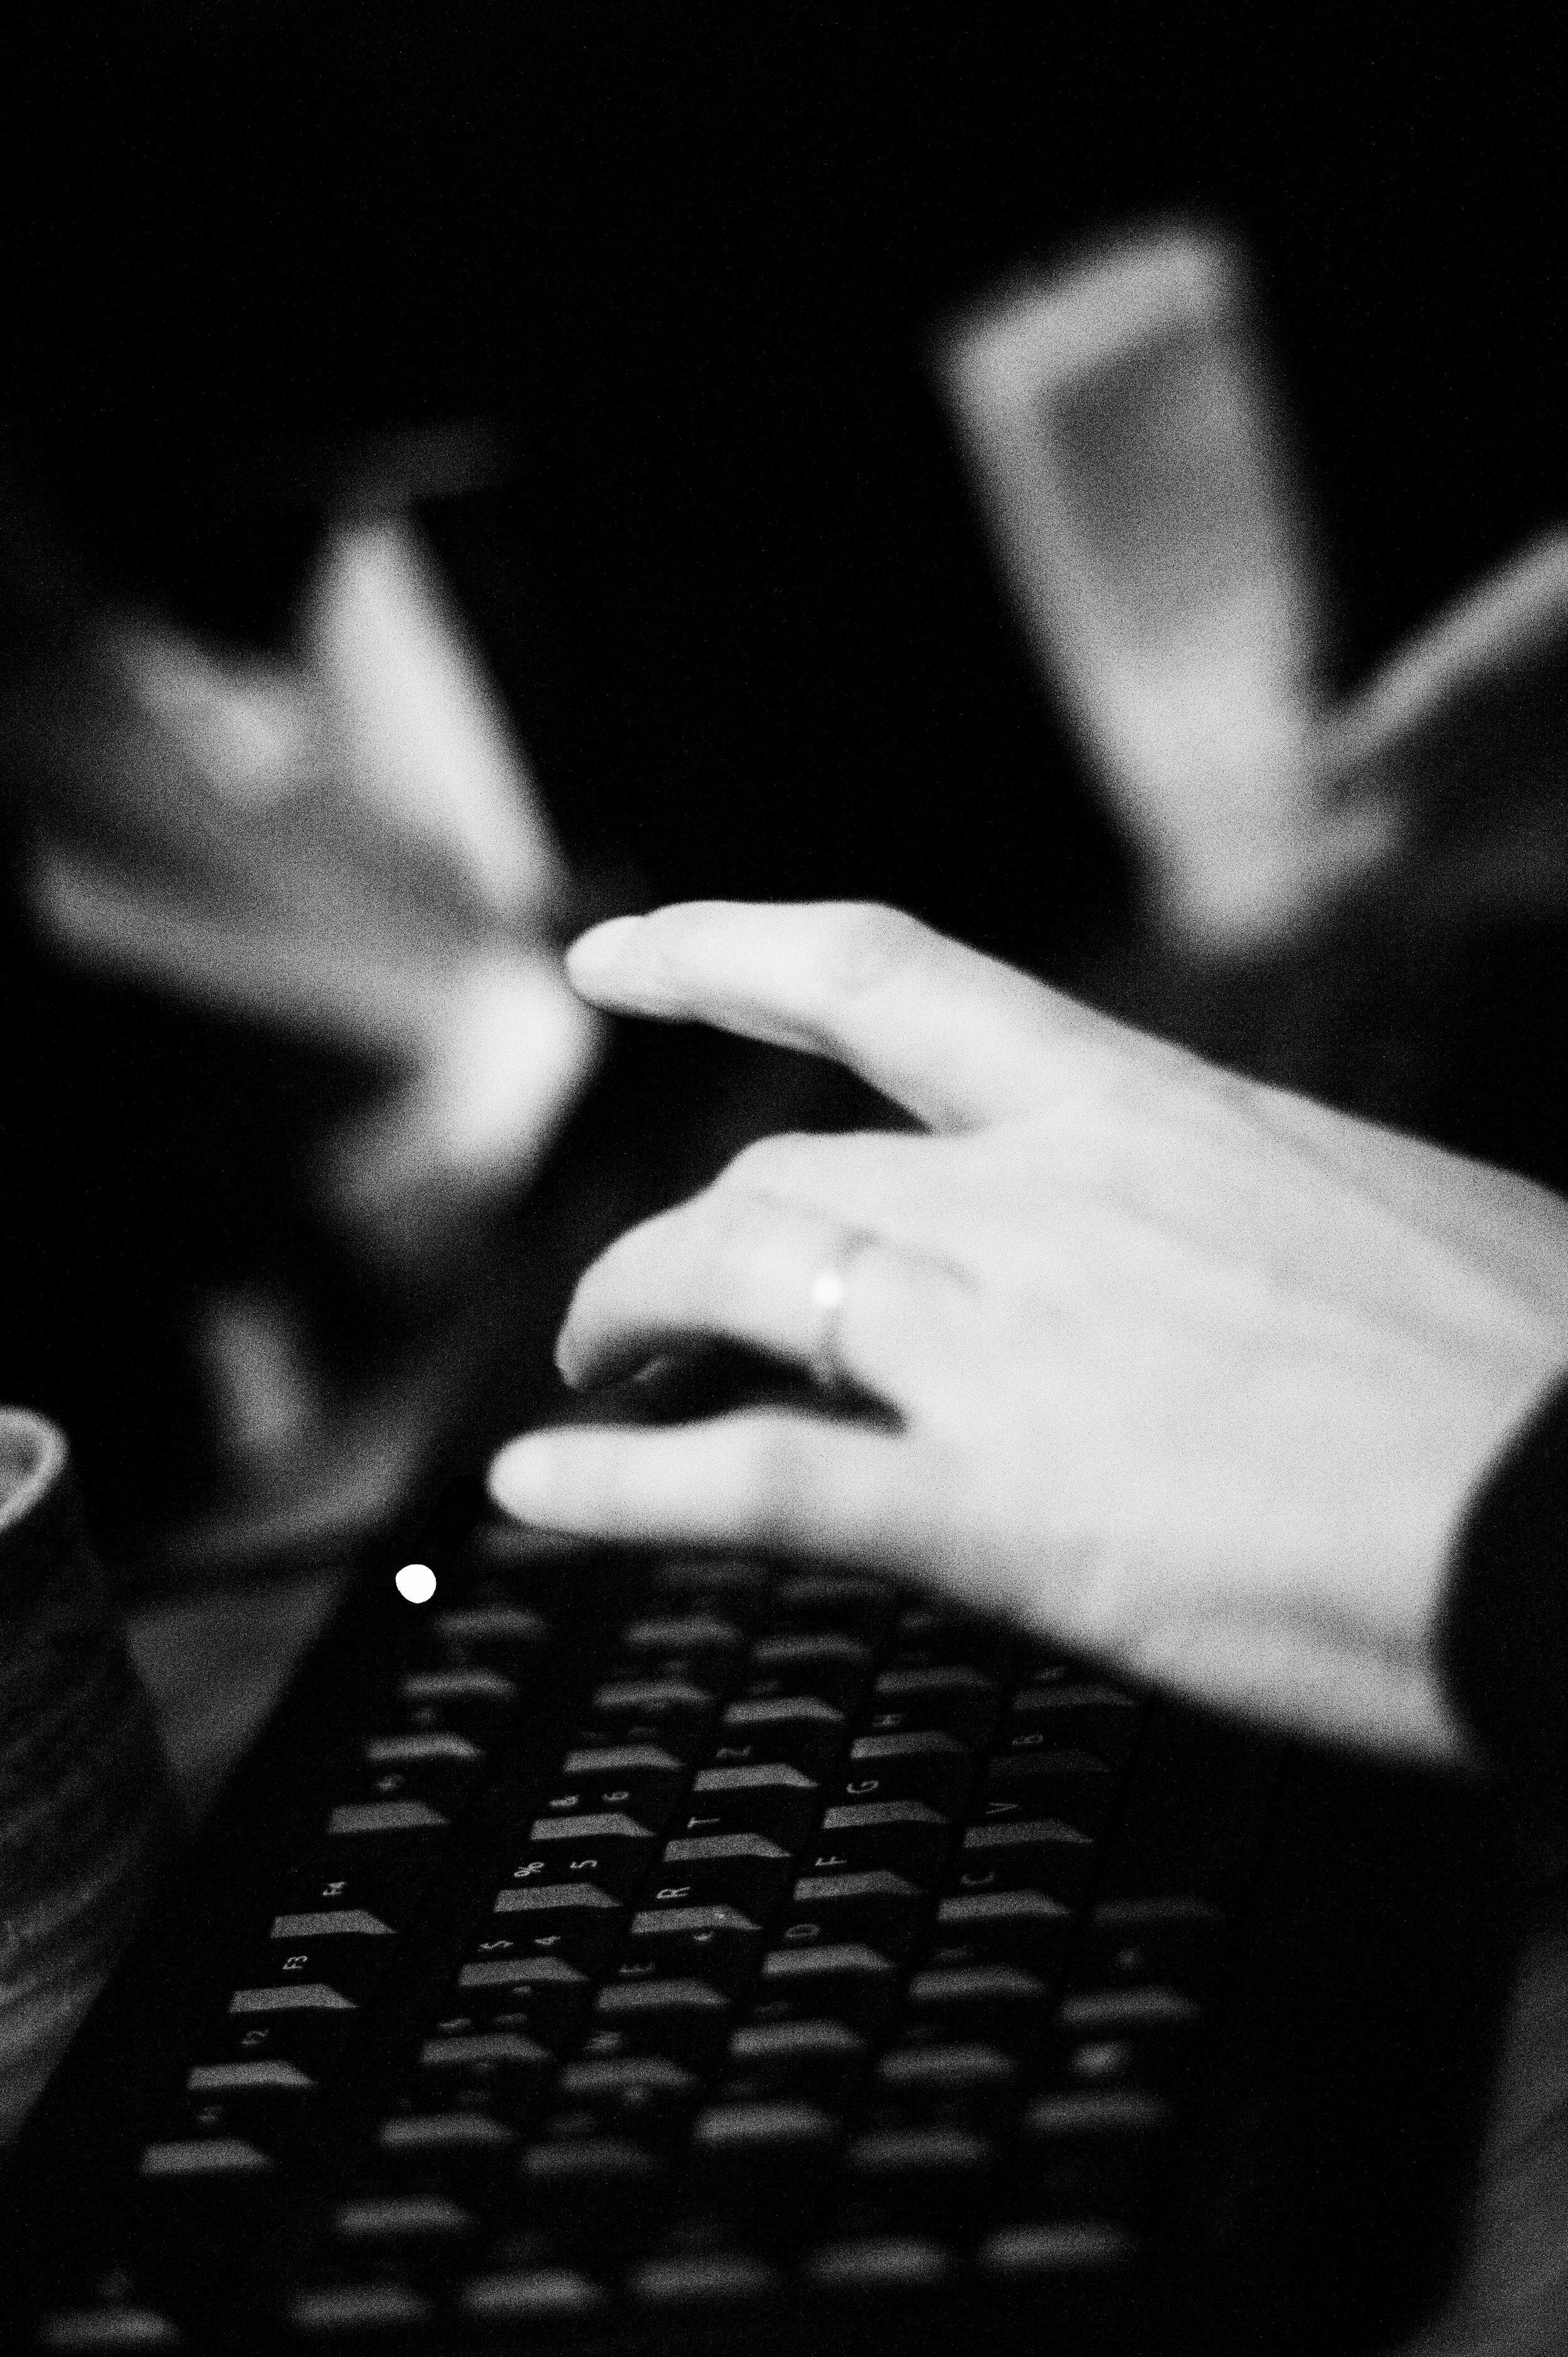 Die Tastatur, das wertvolle Ding.